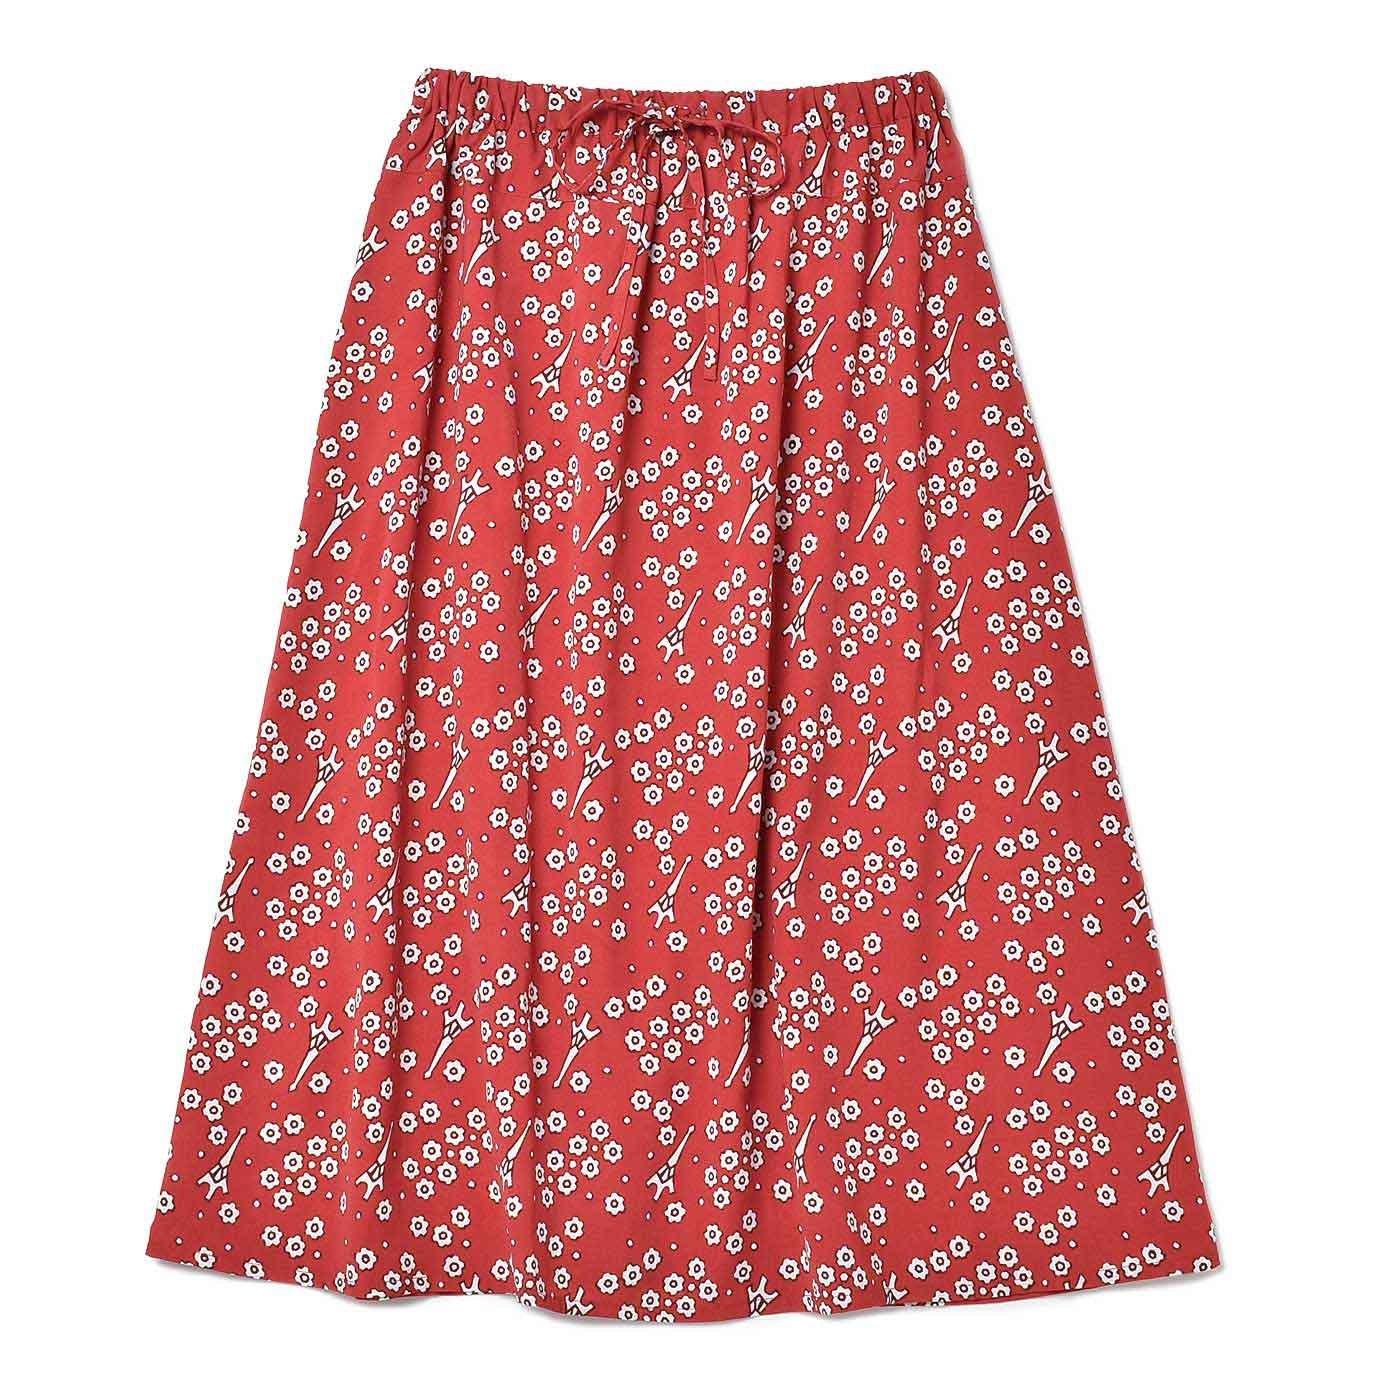 IEDITプレミアムコレクション こっそりモチーフプリントがかわいいミディアムスカート〈レッド×ホワイト〉